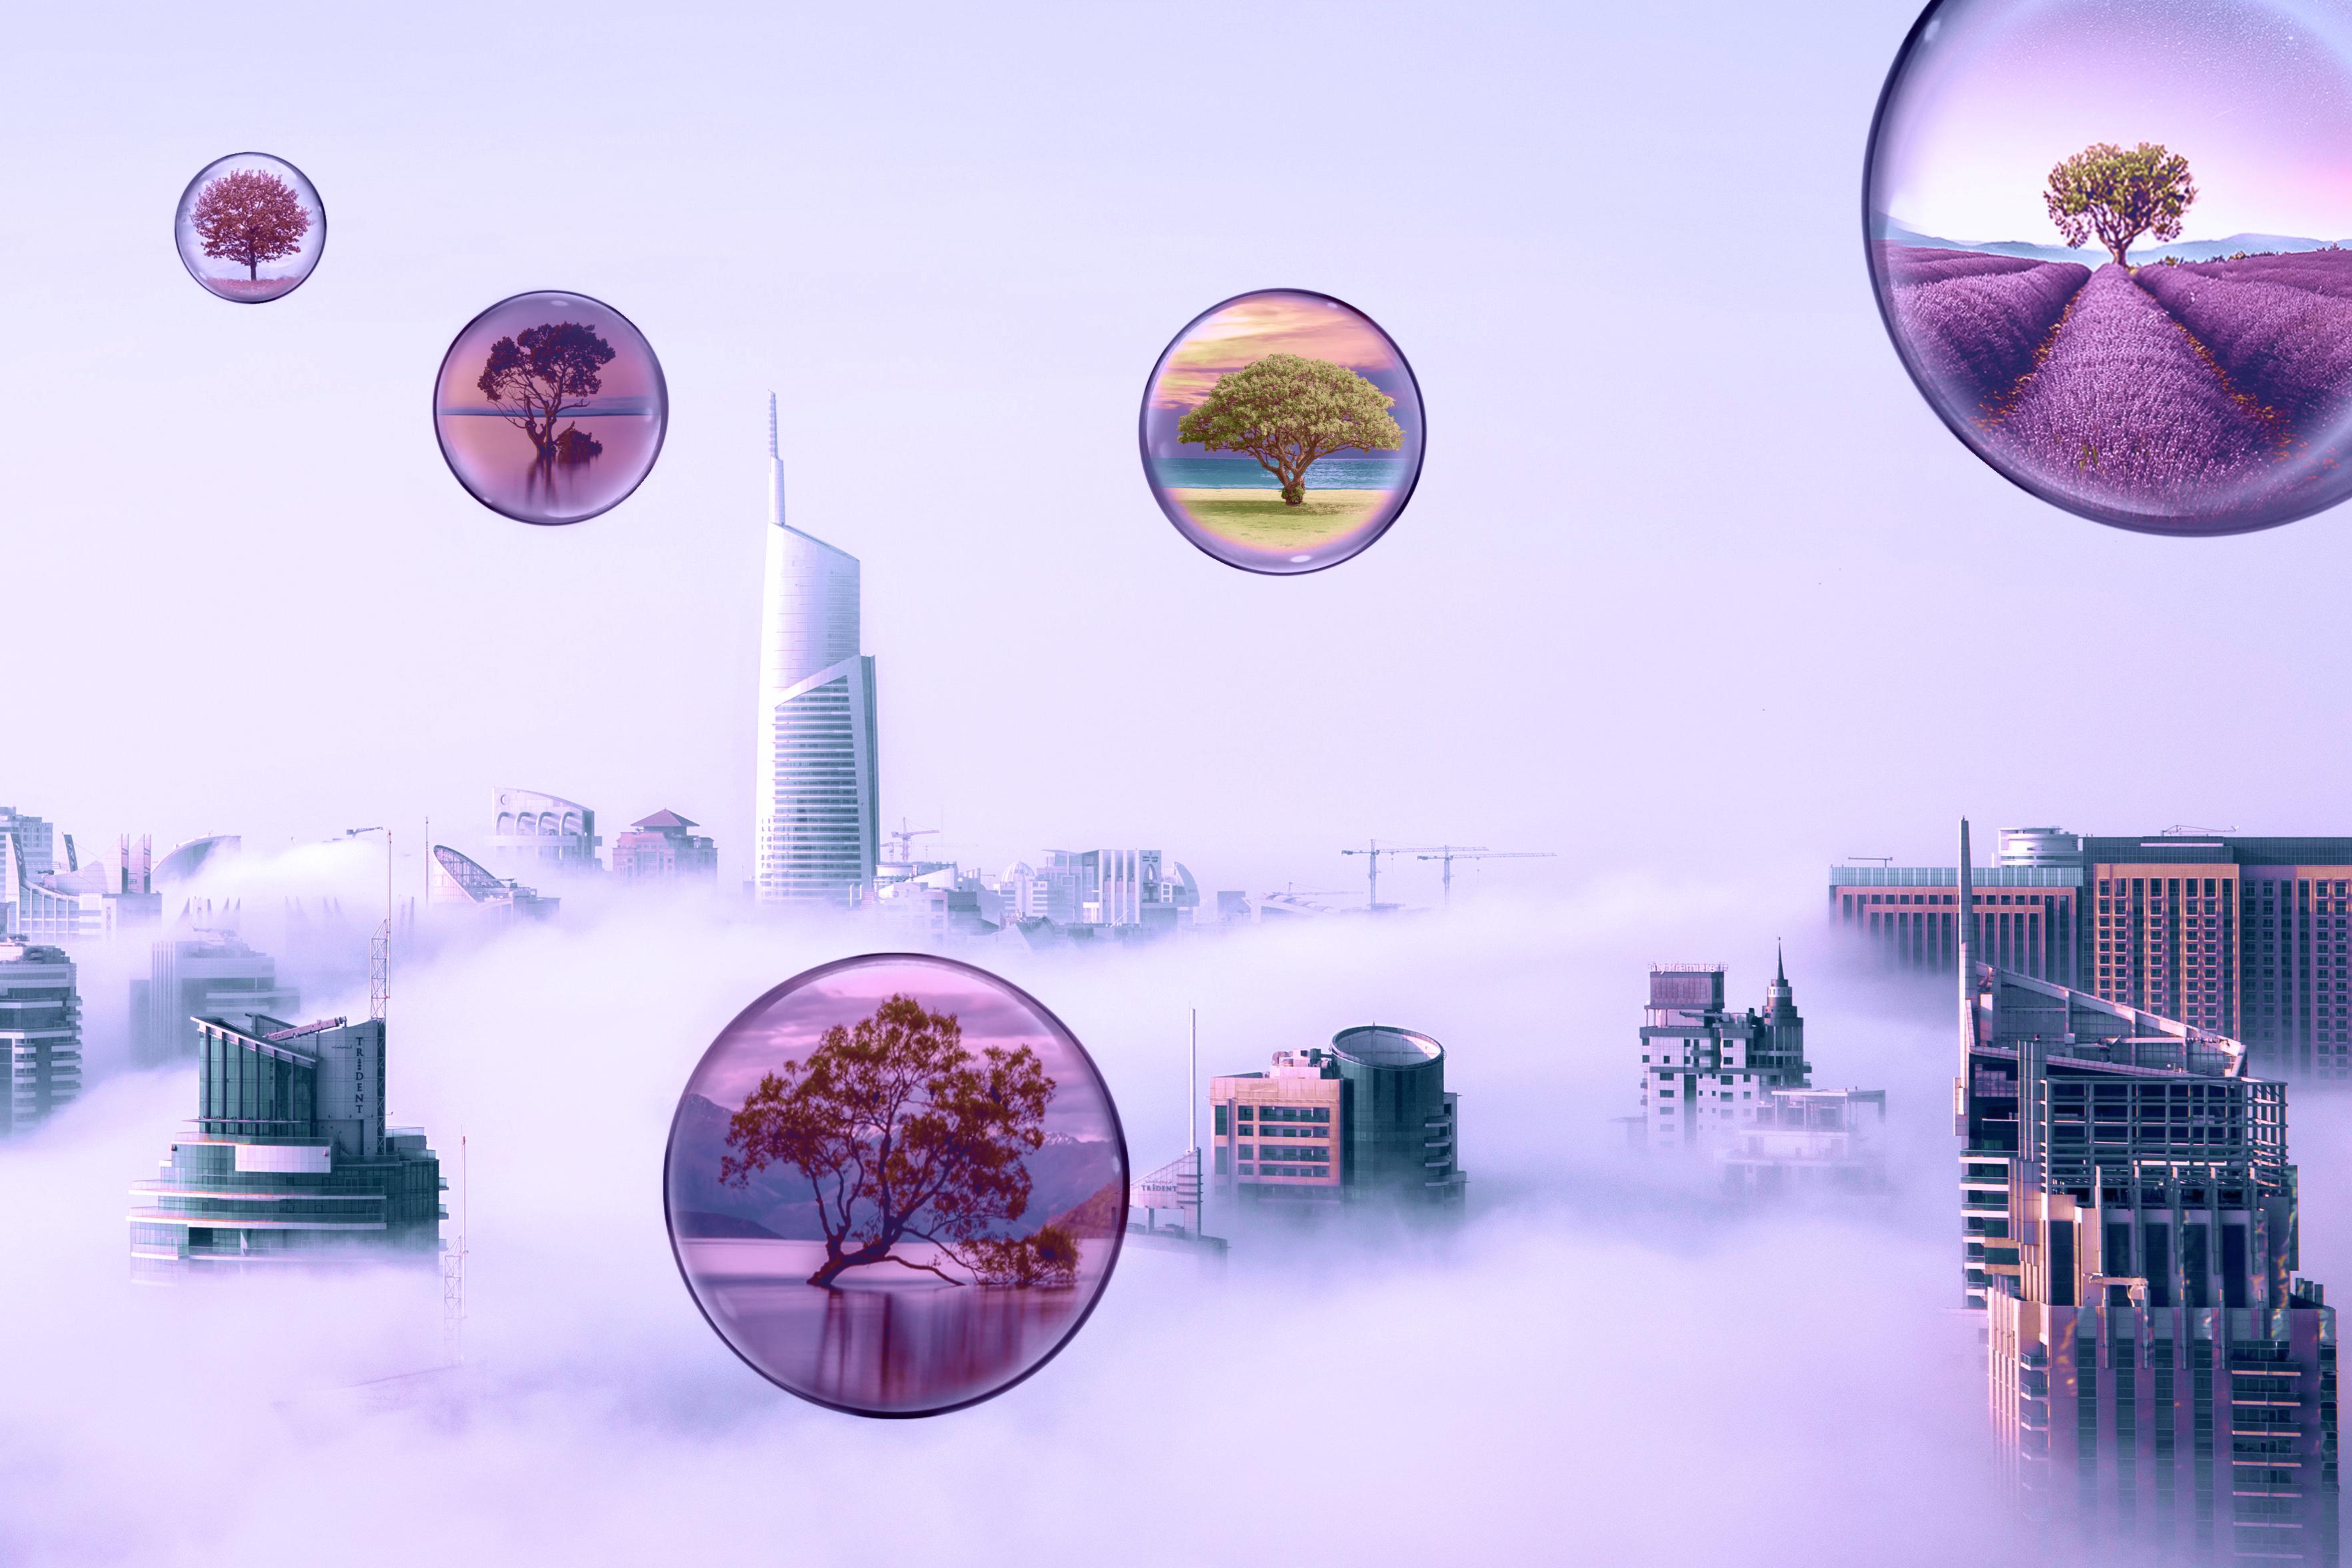 Tree in Bubble